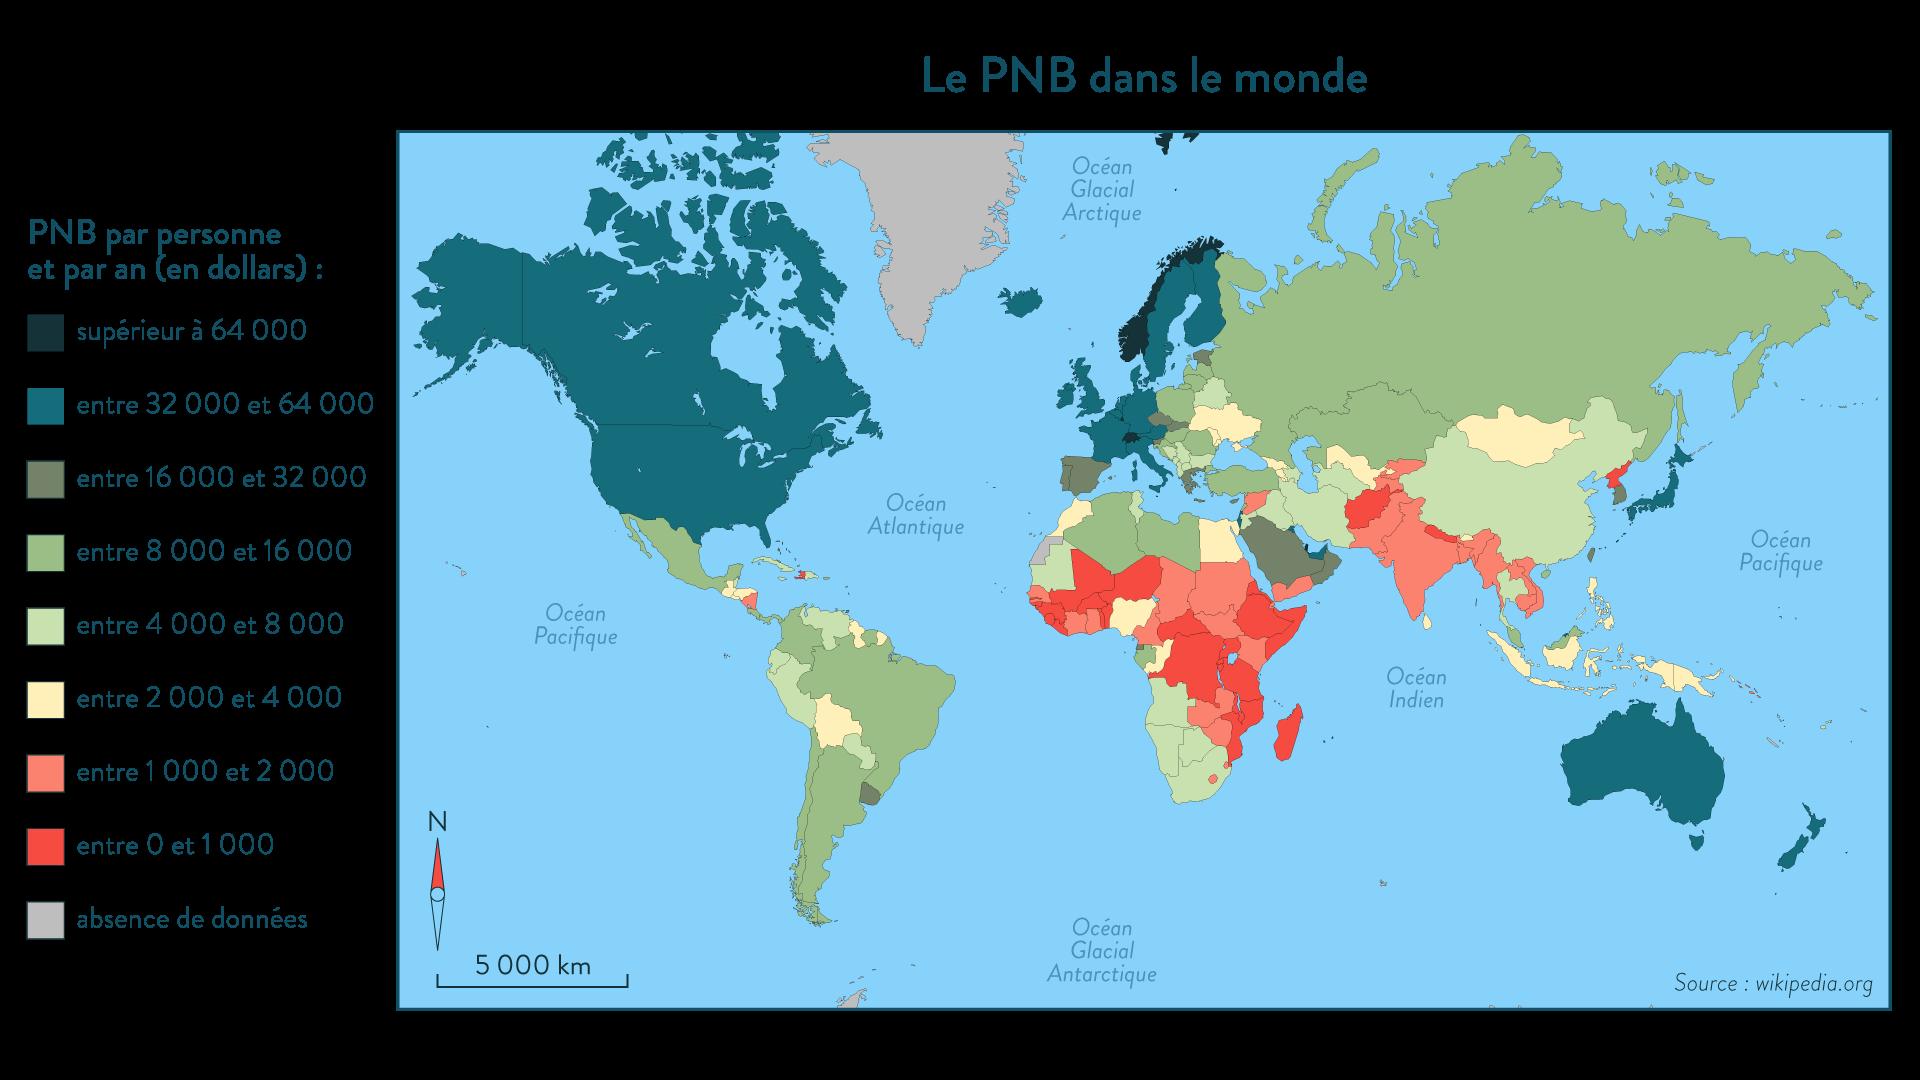 Le PNB par habitant dans le monde